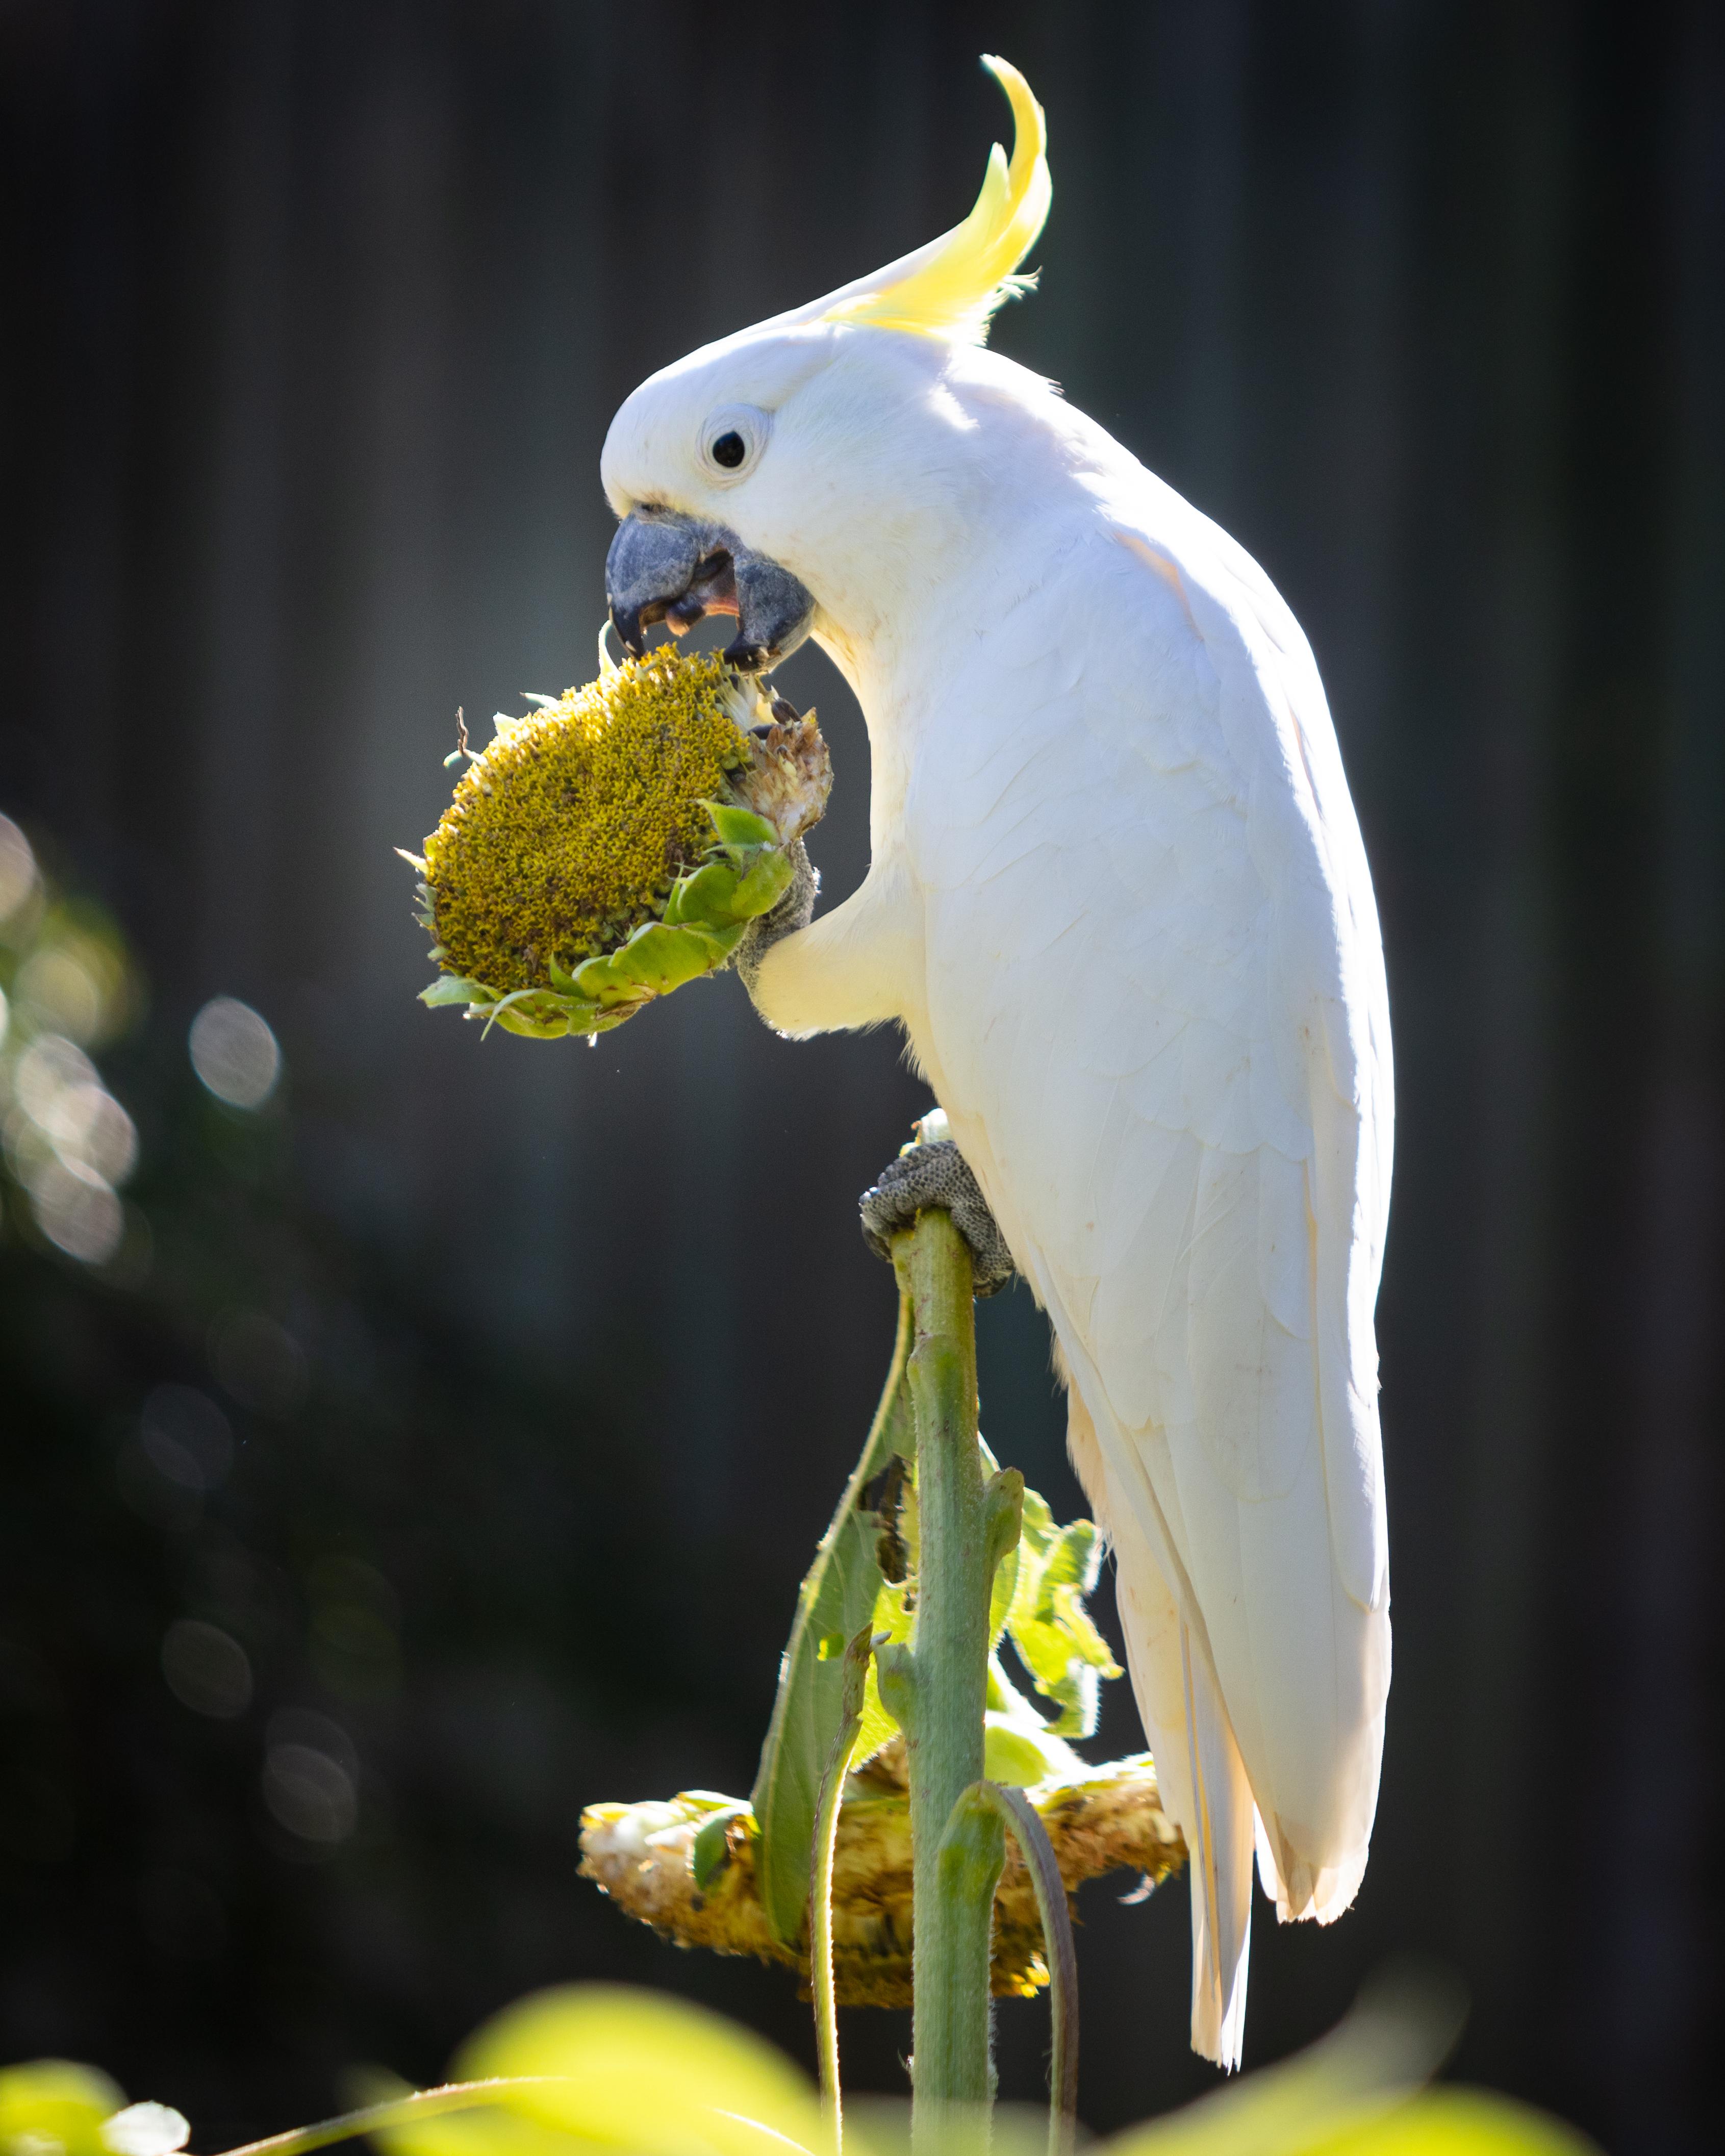 Cockatoo Eating Sunflowers In My Garden.